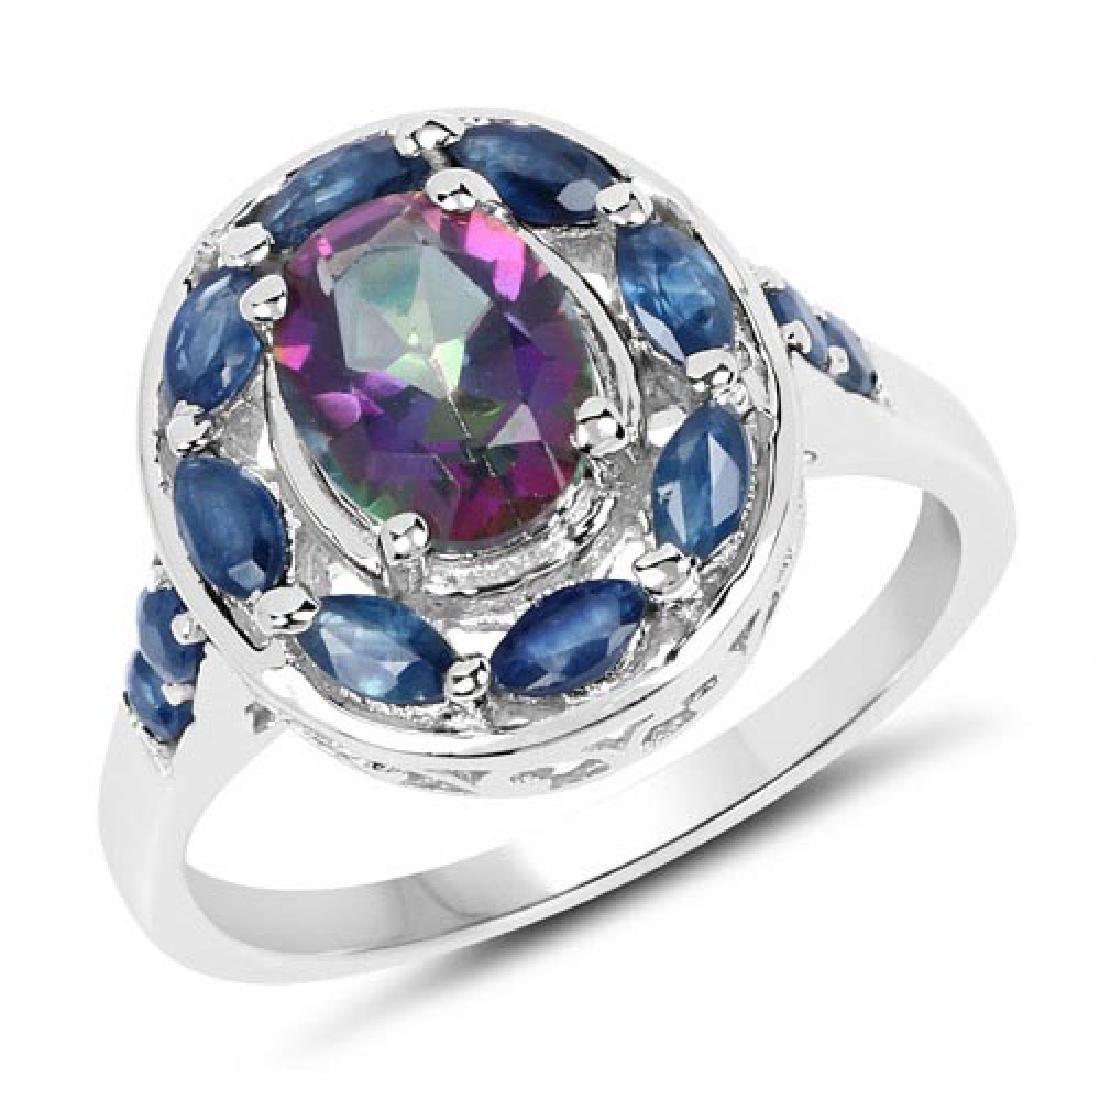 2.46 Carat Genuine Quartz Mystic and Blue Sapphire .925